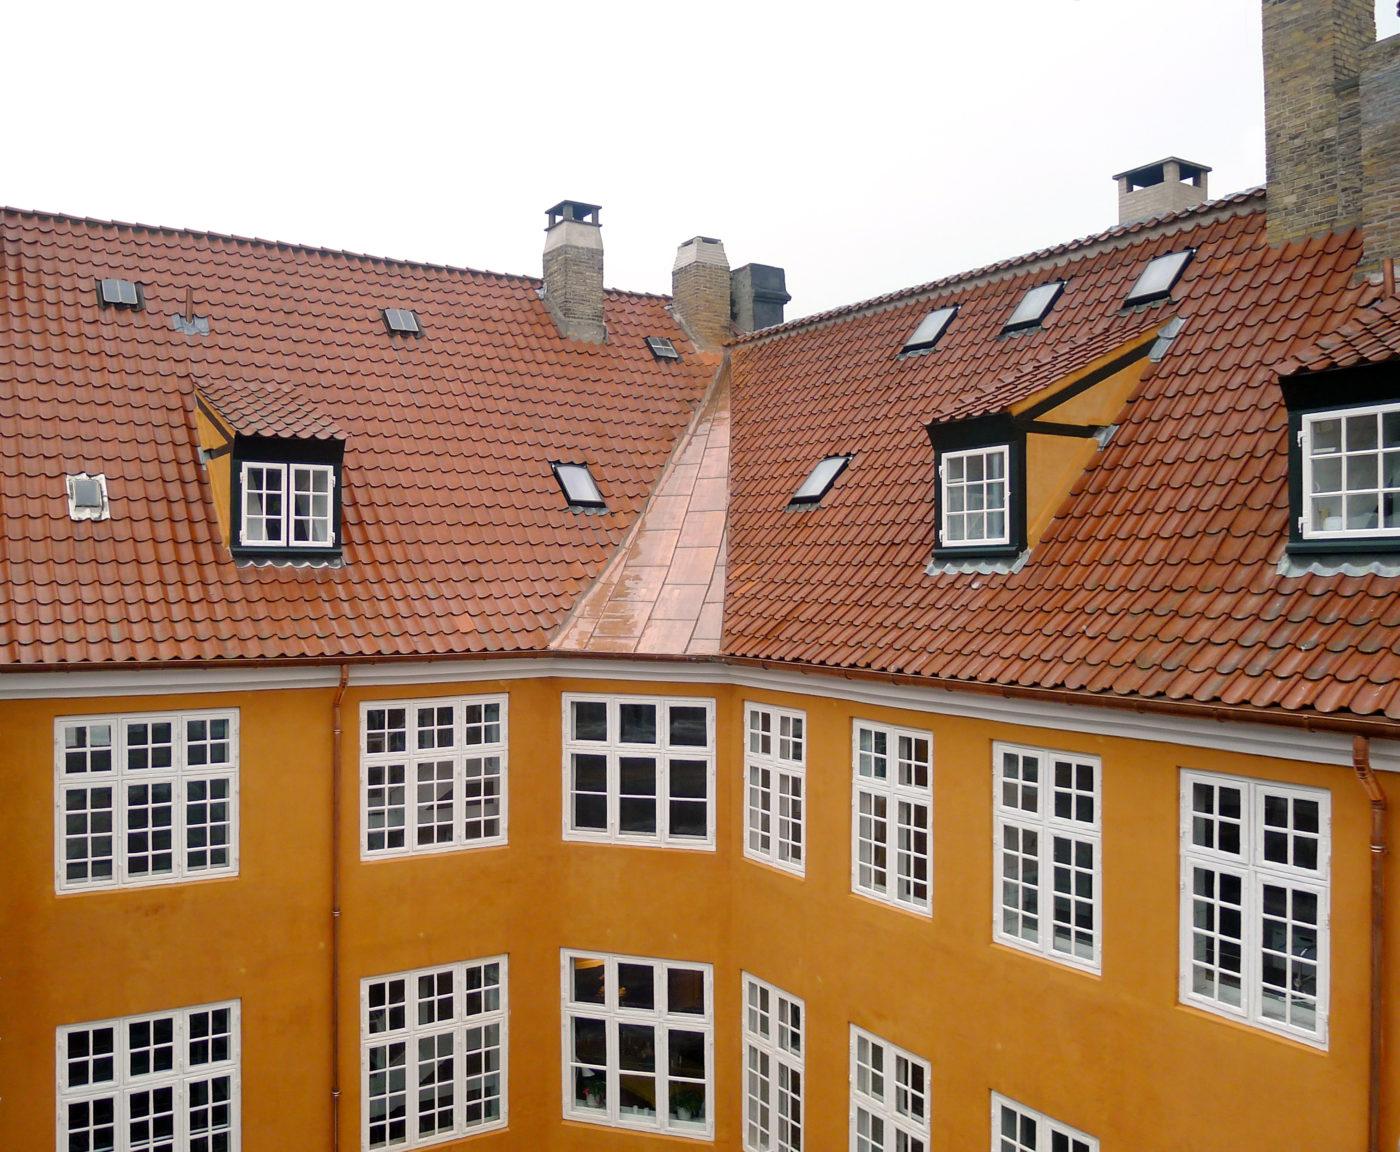 Ny Carlsbergfondet vinduer og tag restaurering